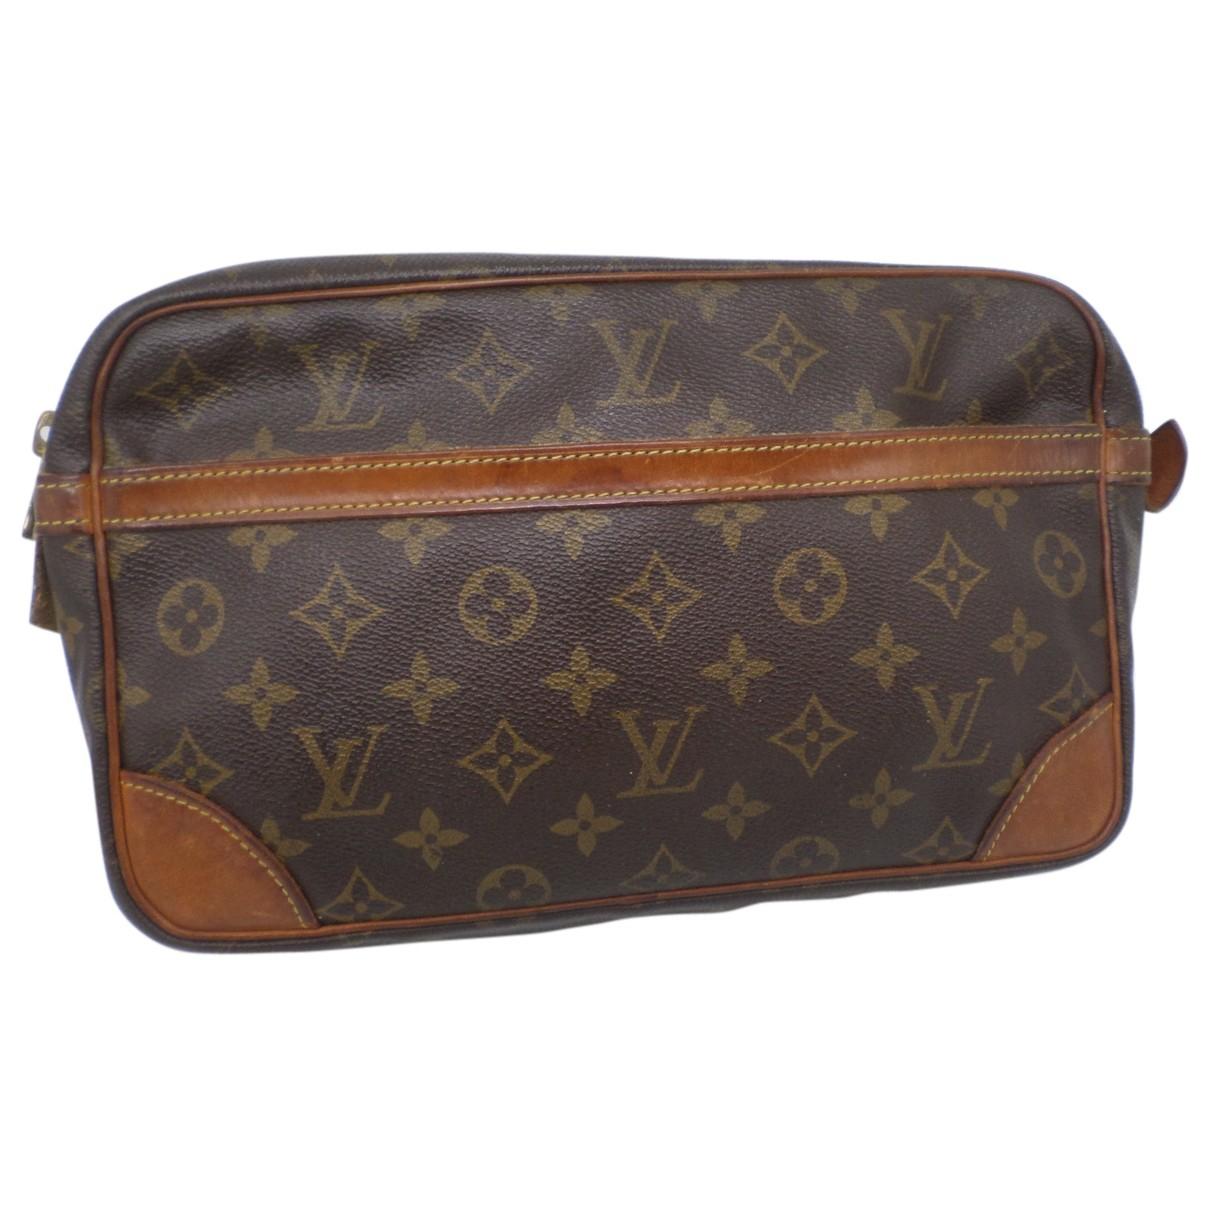 Bandolera de Lona Louis Vuitton